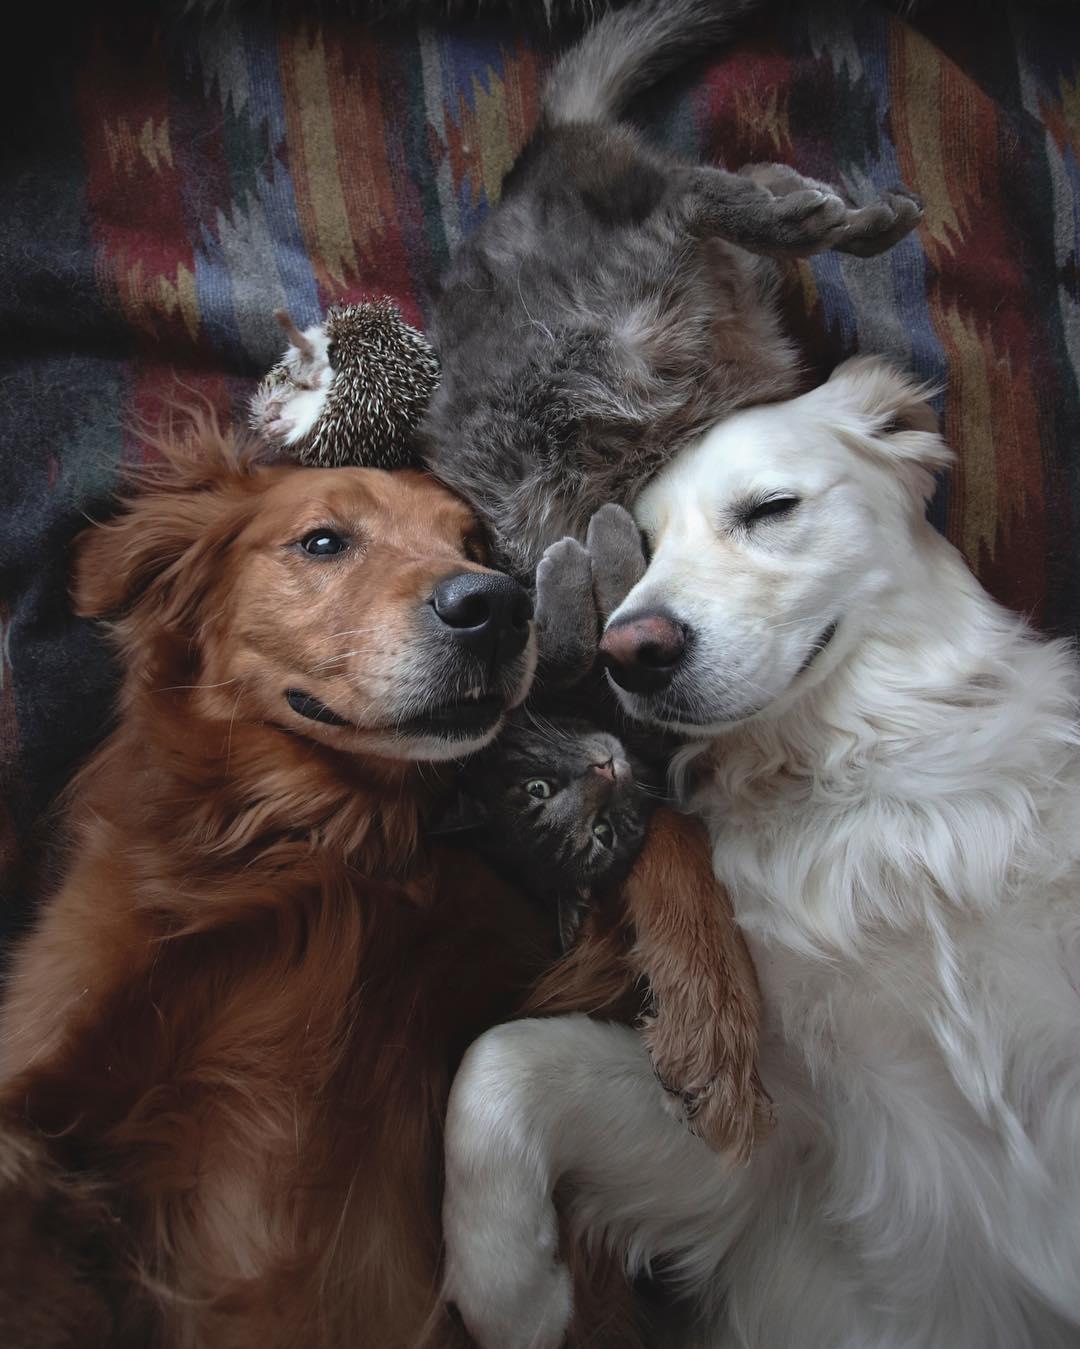 兩狗把喵星人當親兒子 狂用「愛的口水」洗臉:幫你添上汪的味道~